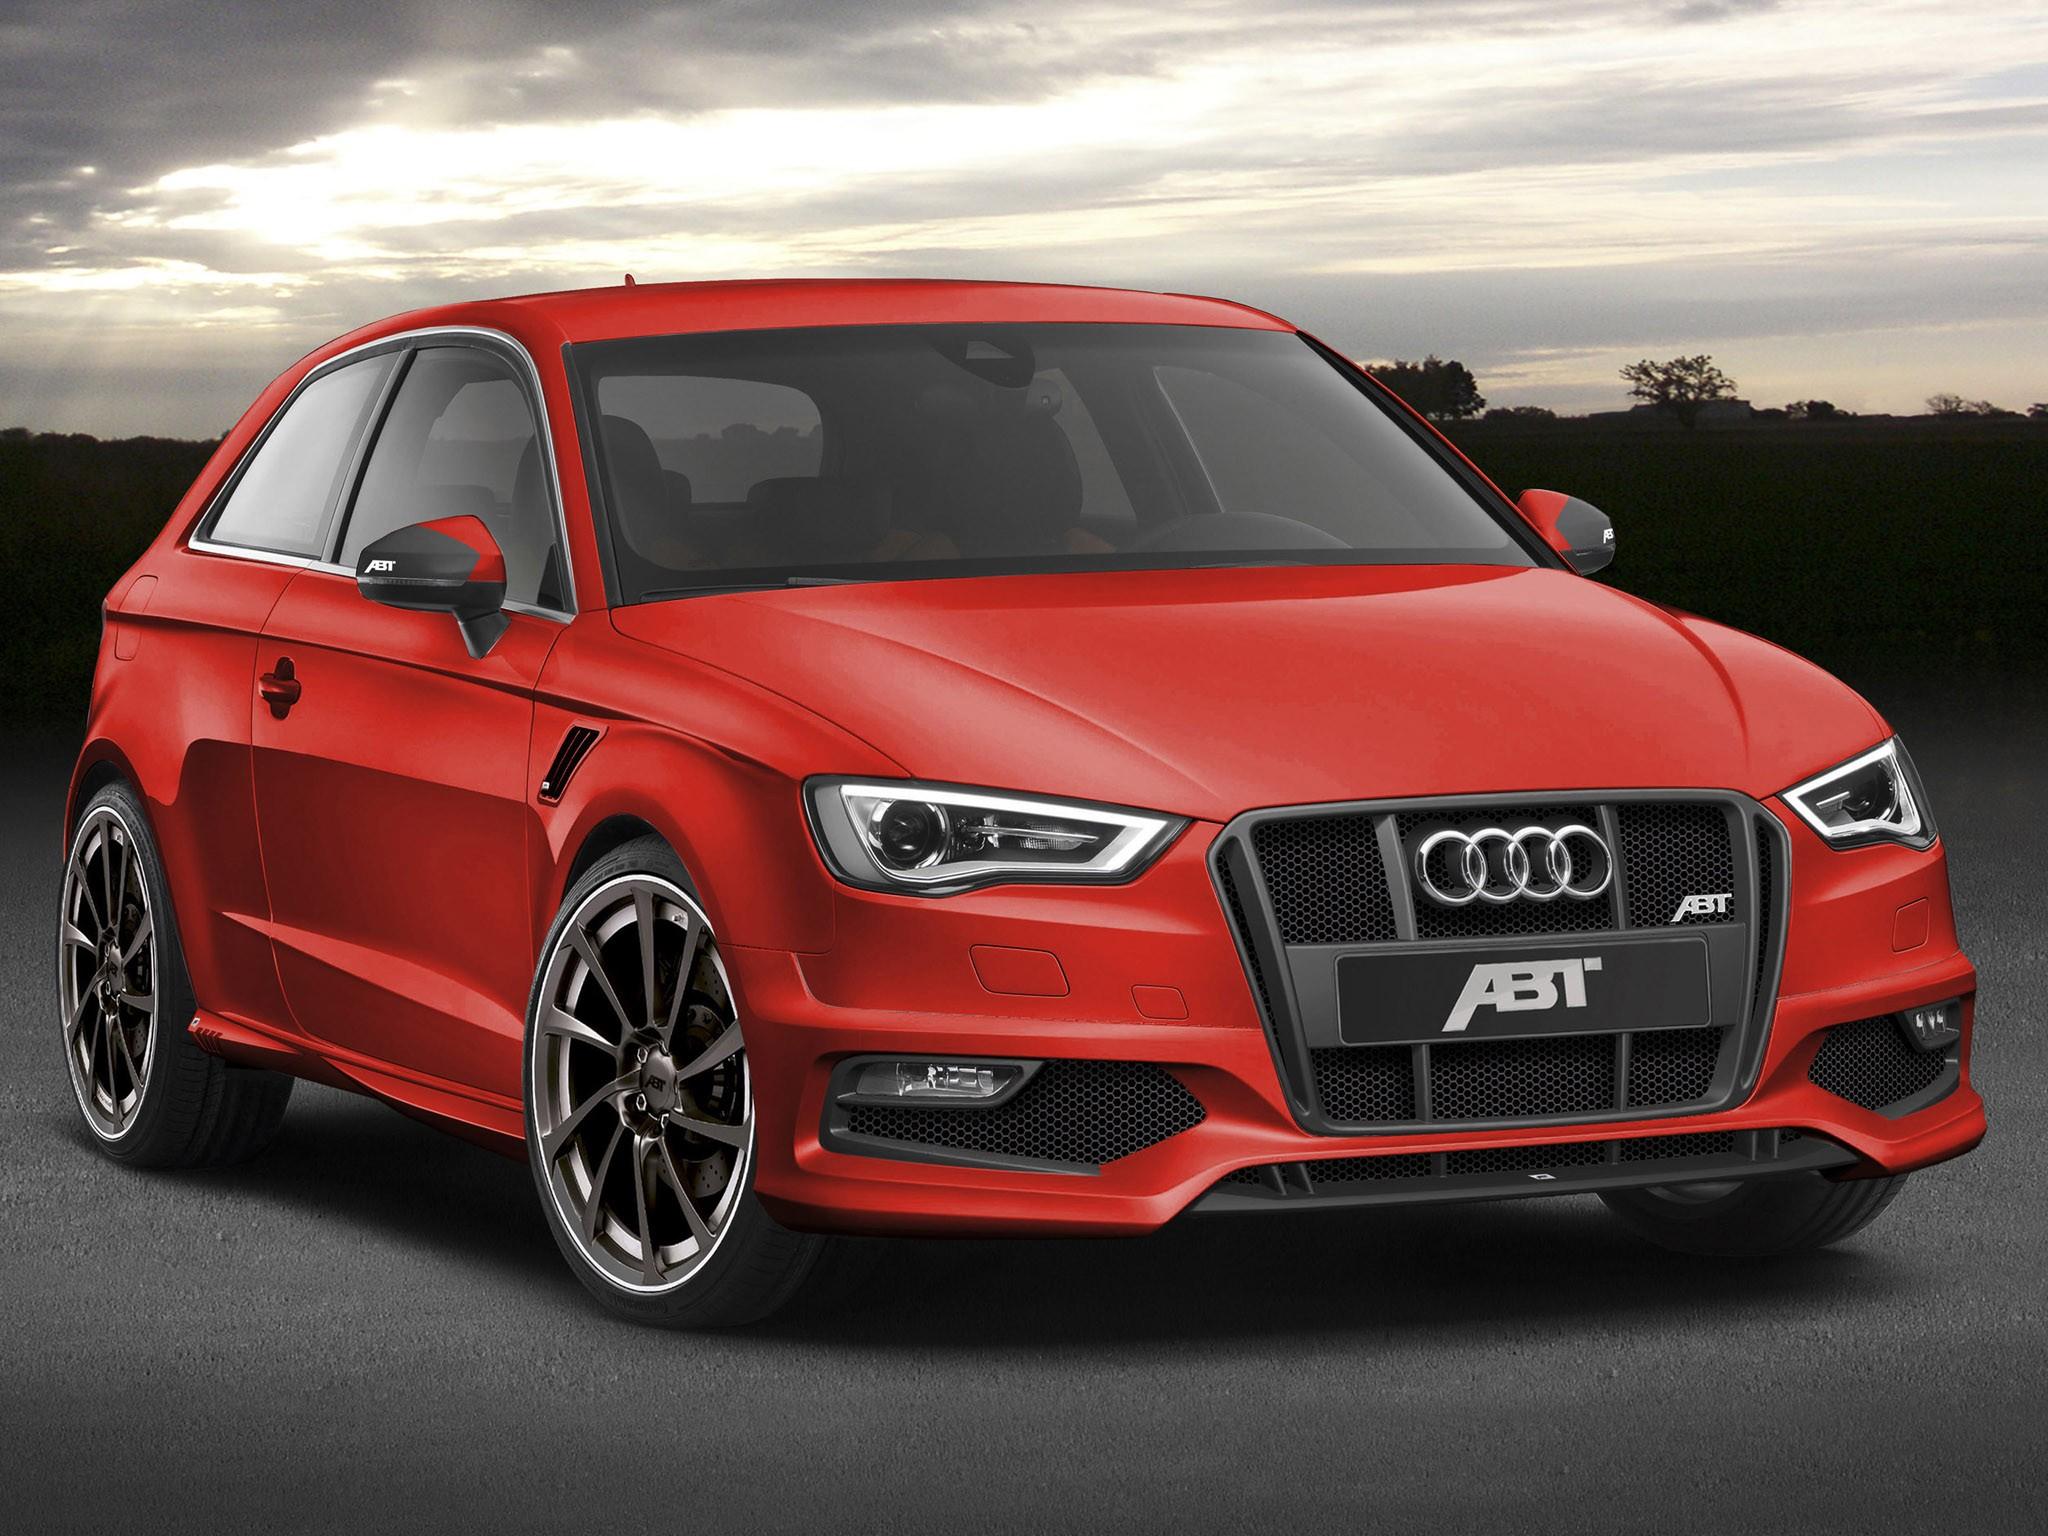 Audi A3 AS3 (2013) - ABT